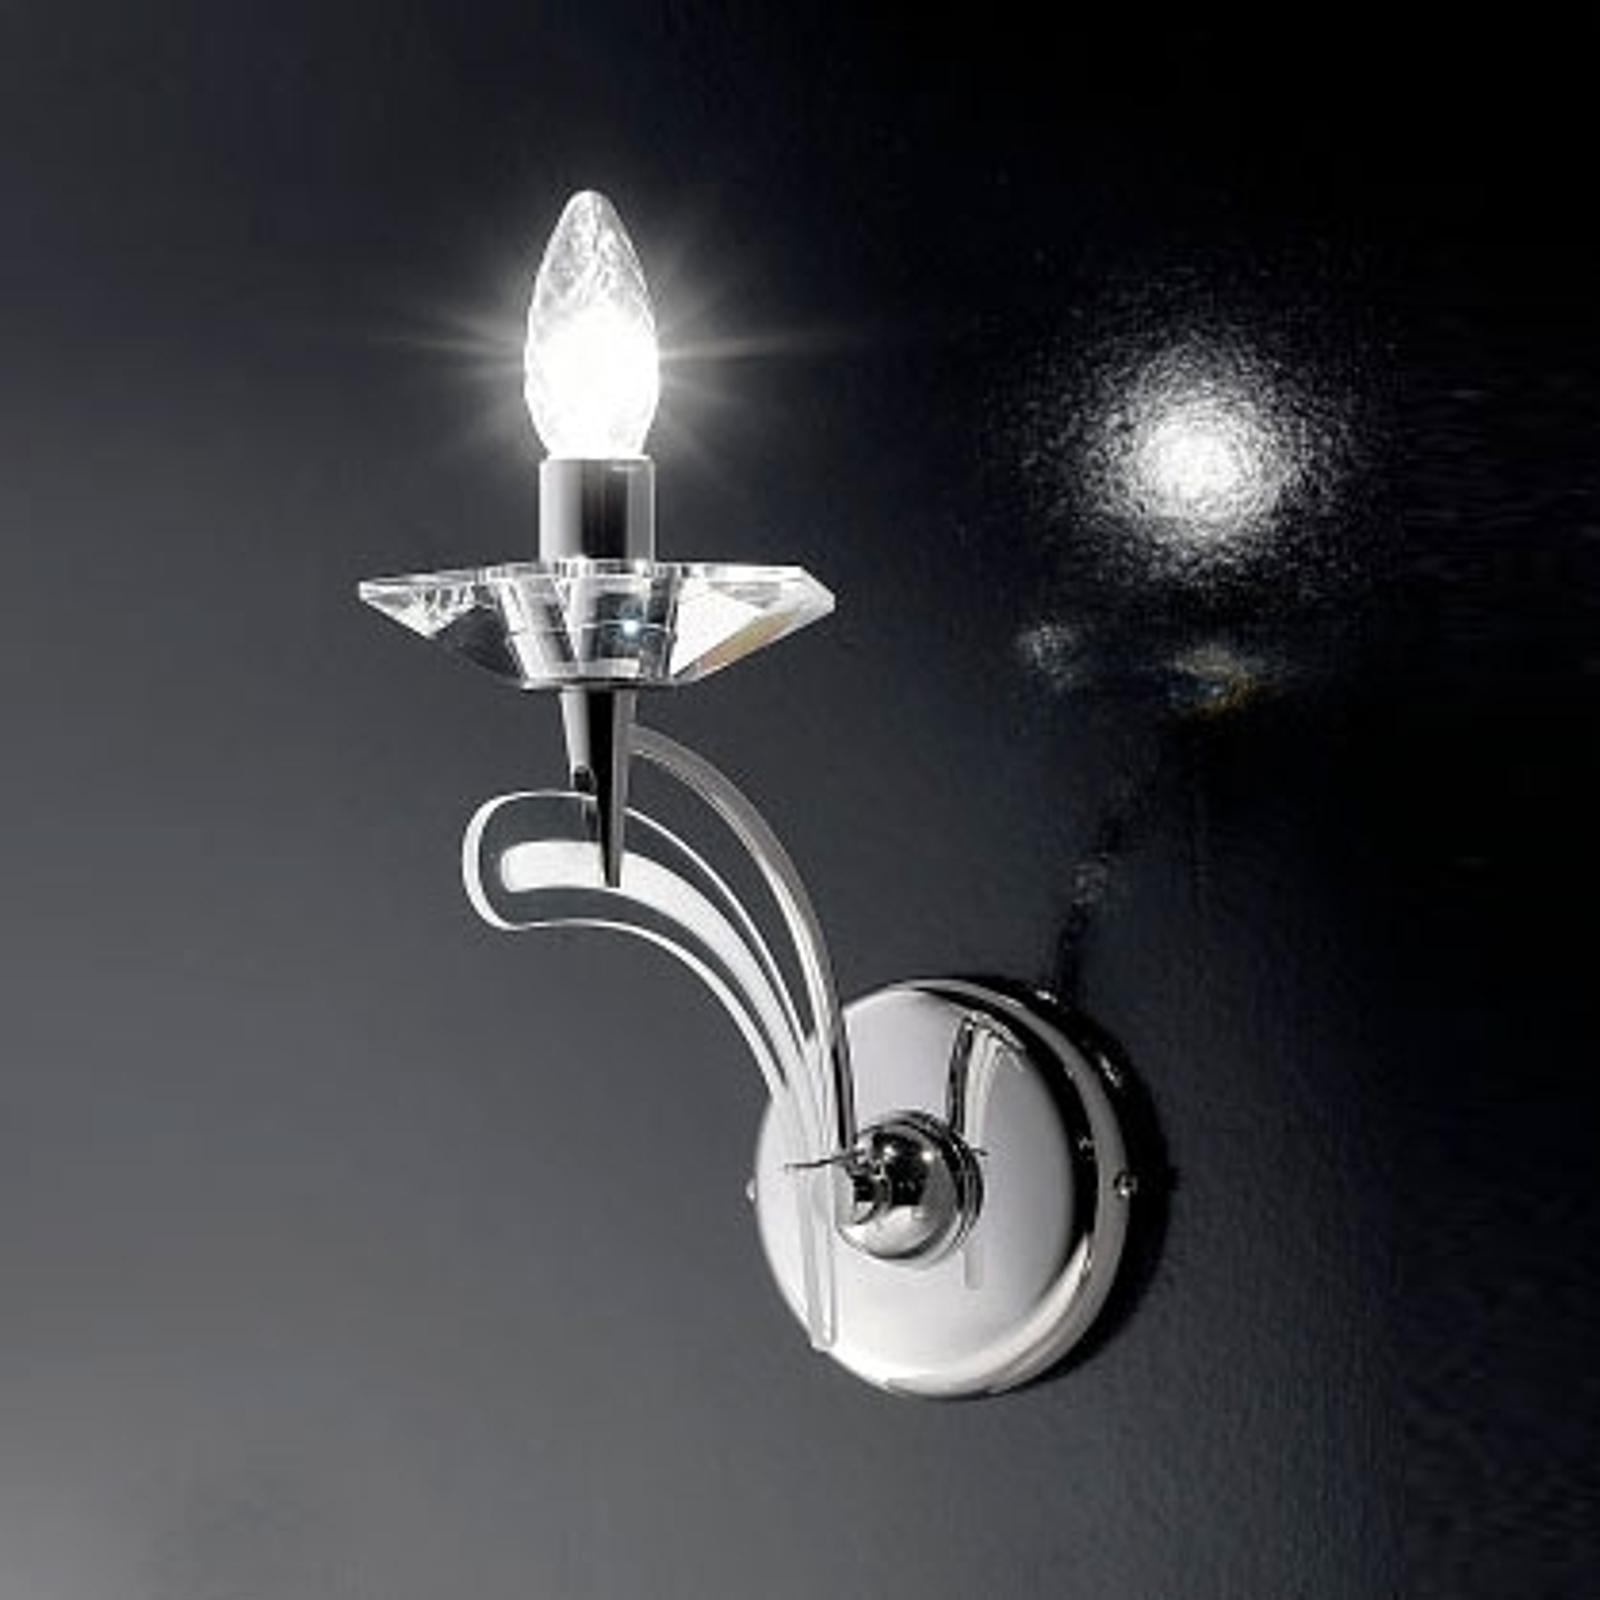 Vegglampe ICARO med krystall, 1 lys, krom